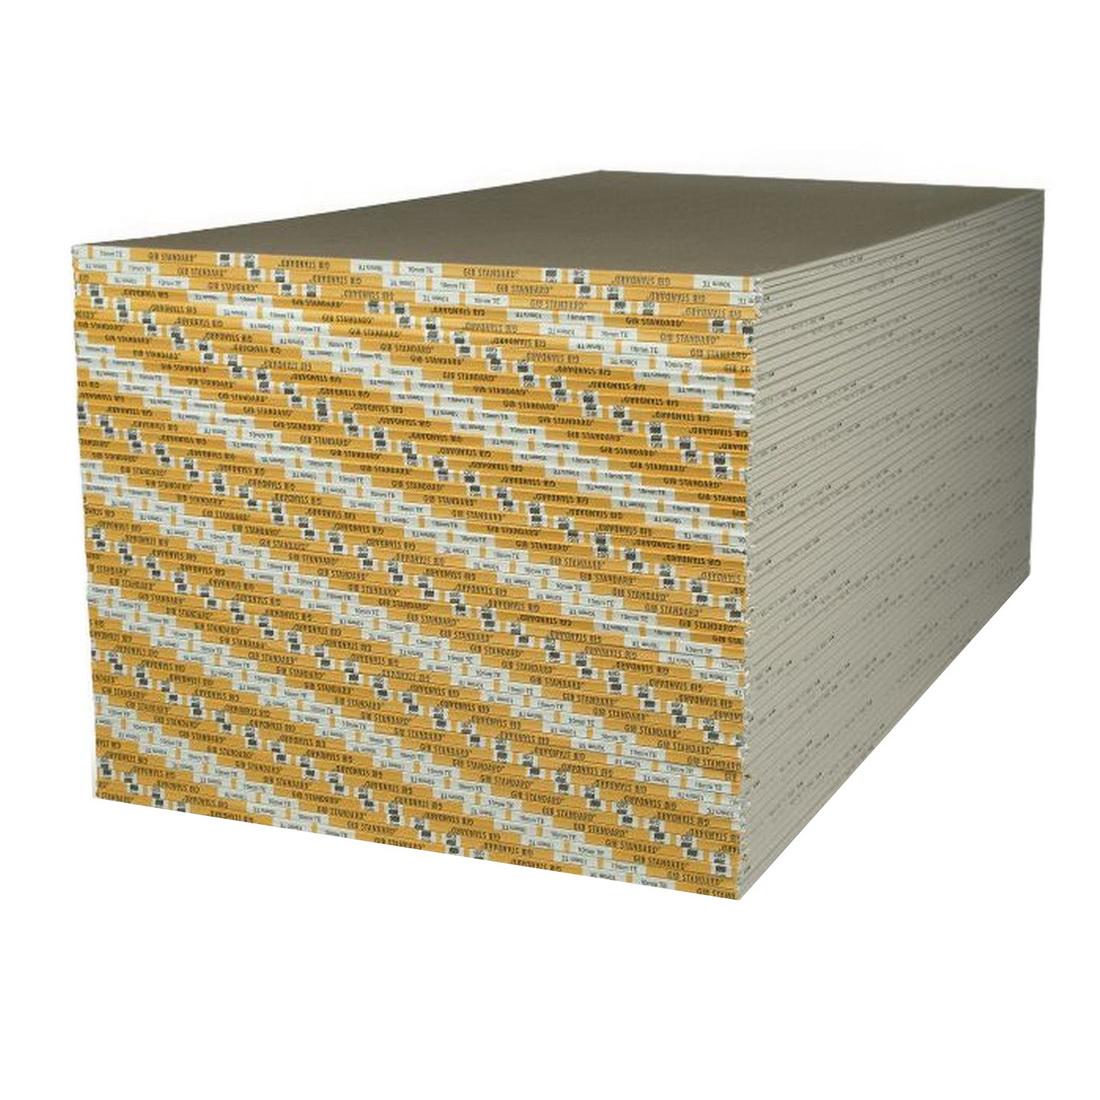 Standard Taper/Square Edge Plasterboard 6000 x 1200 x 10mm 13816